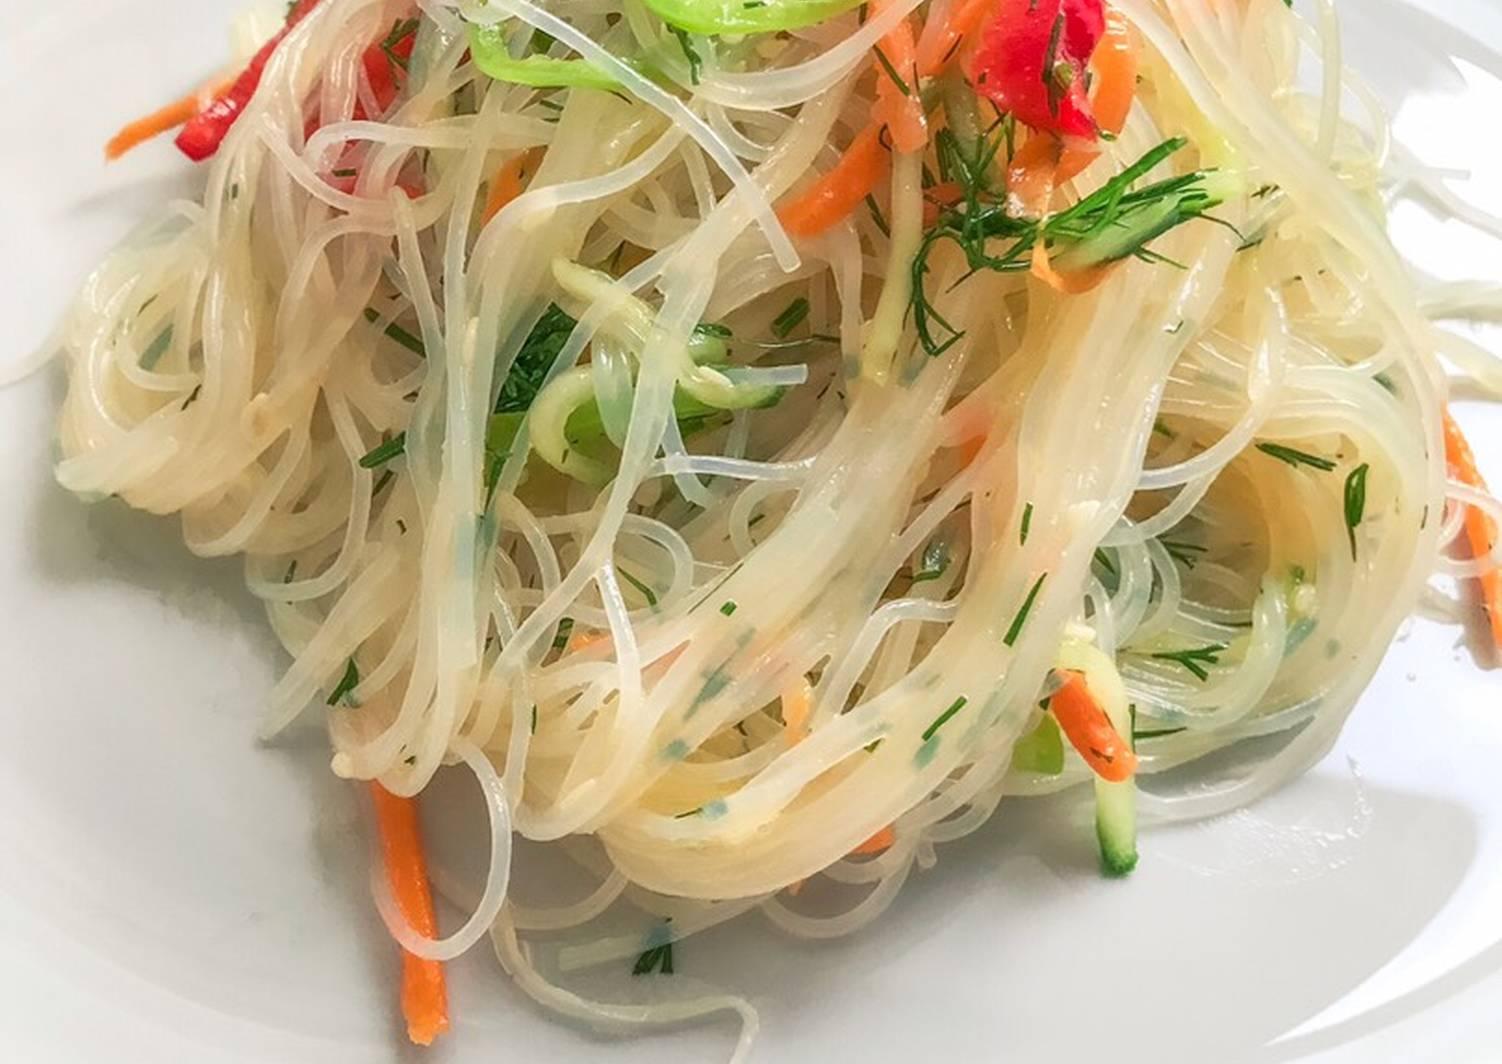 Фунчоза: советы по приготовлению + 7 оригинальных рецептов | кулинария - всё pro еду!